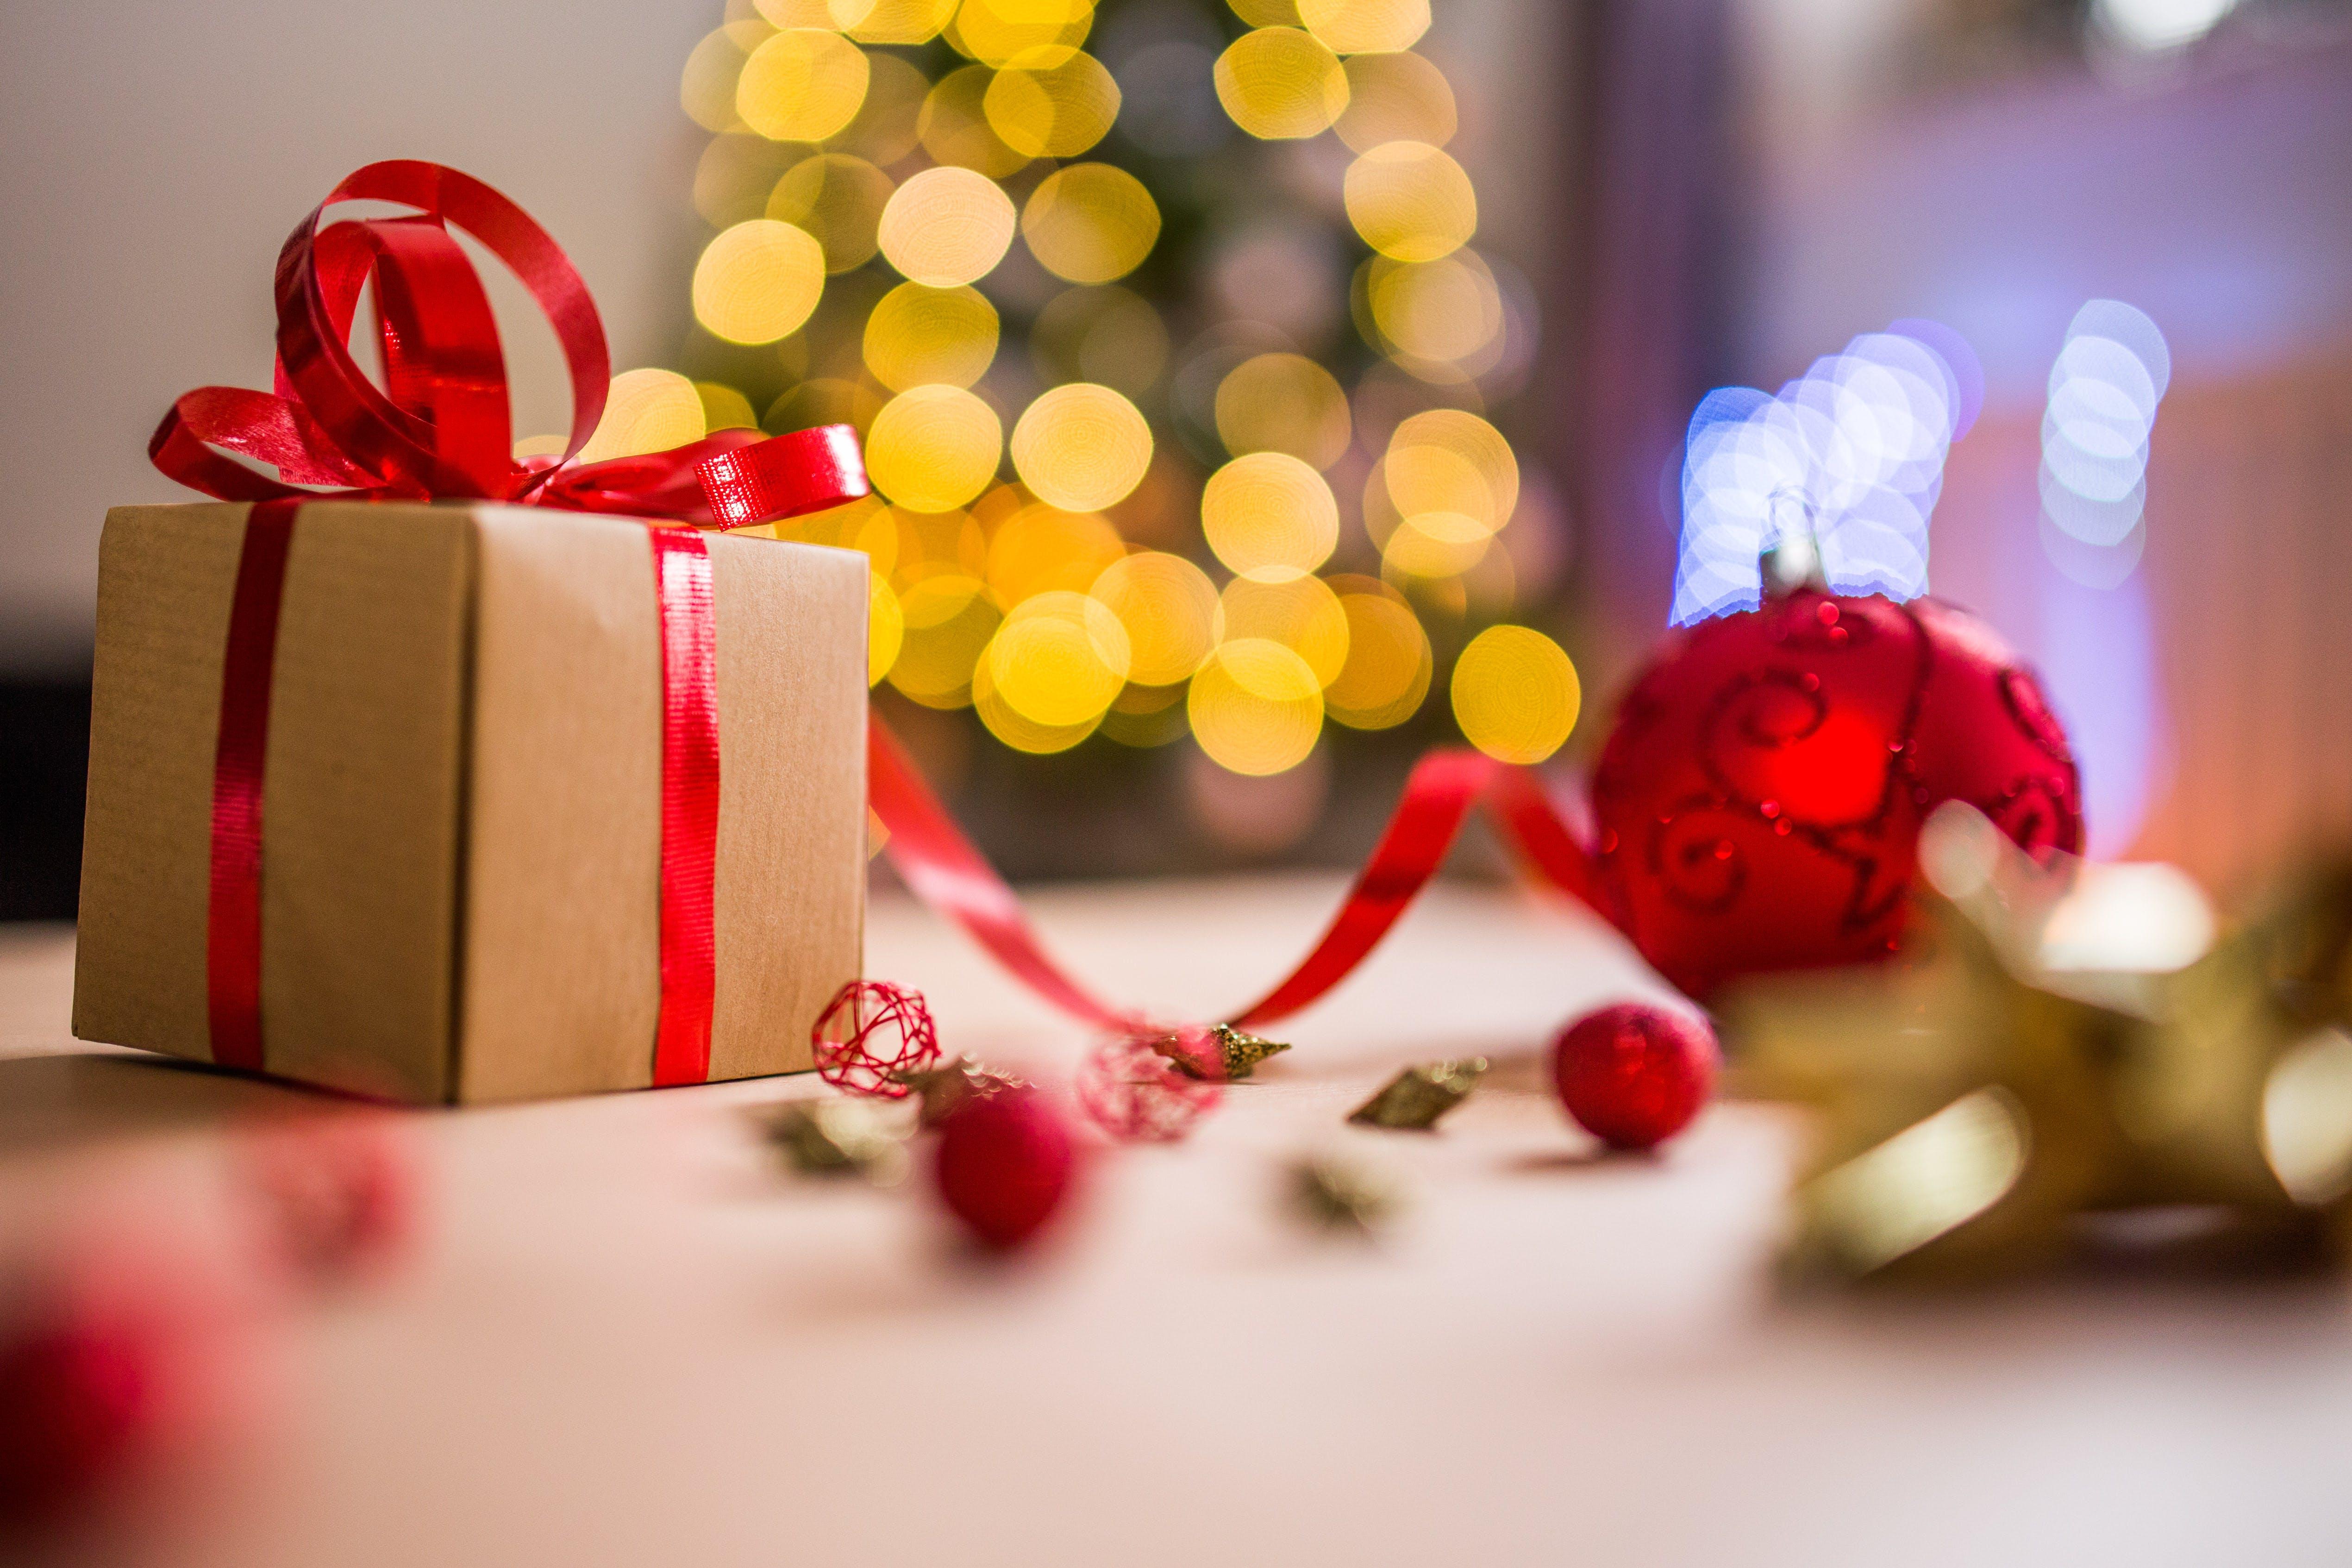 Δωρεάν στοκ φωτογραφιών με βάθος πεδίου, Χριστούγεννα, χριστουγεννιάτικα διακοσμητικά